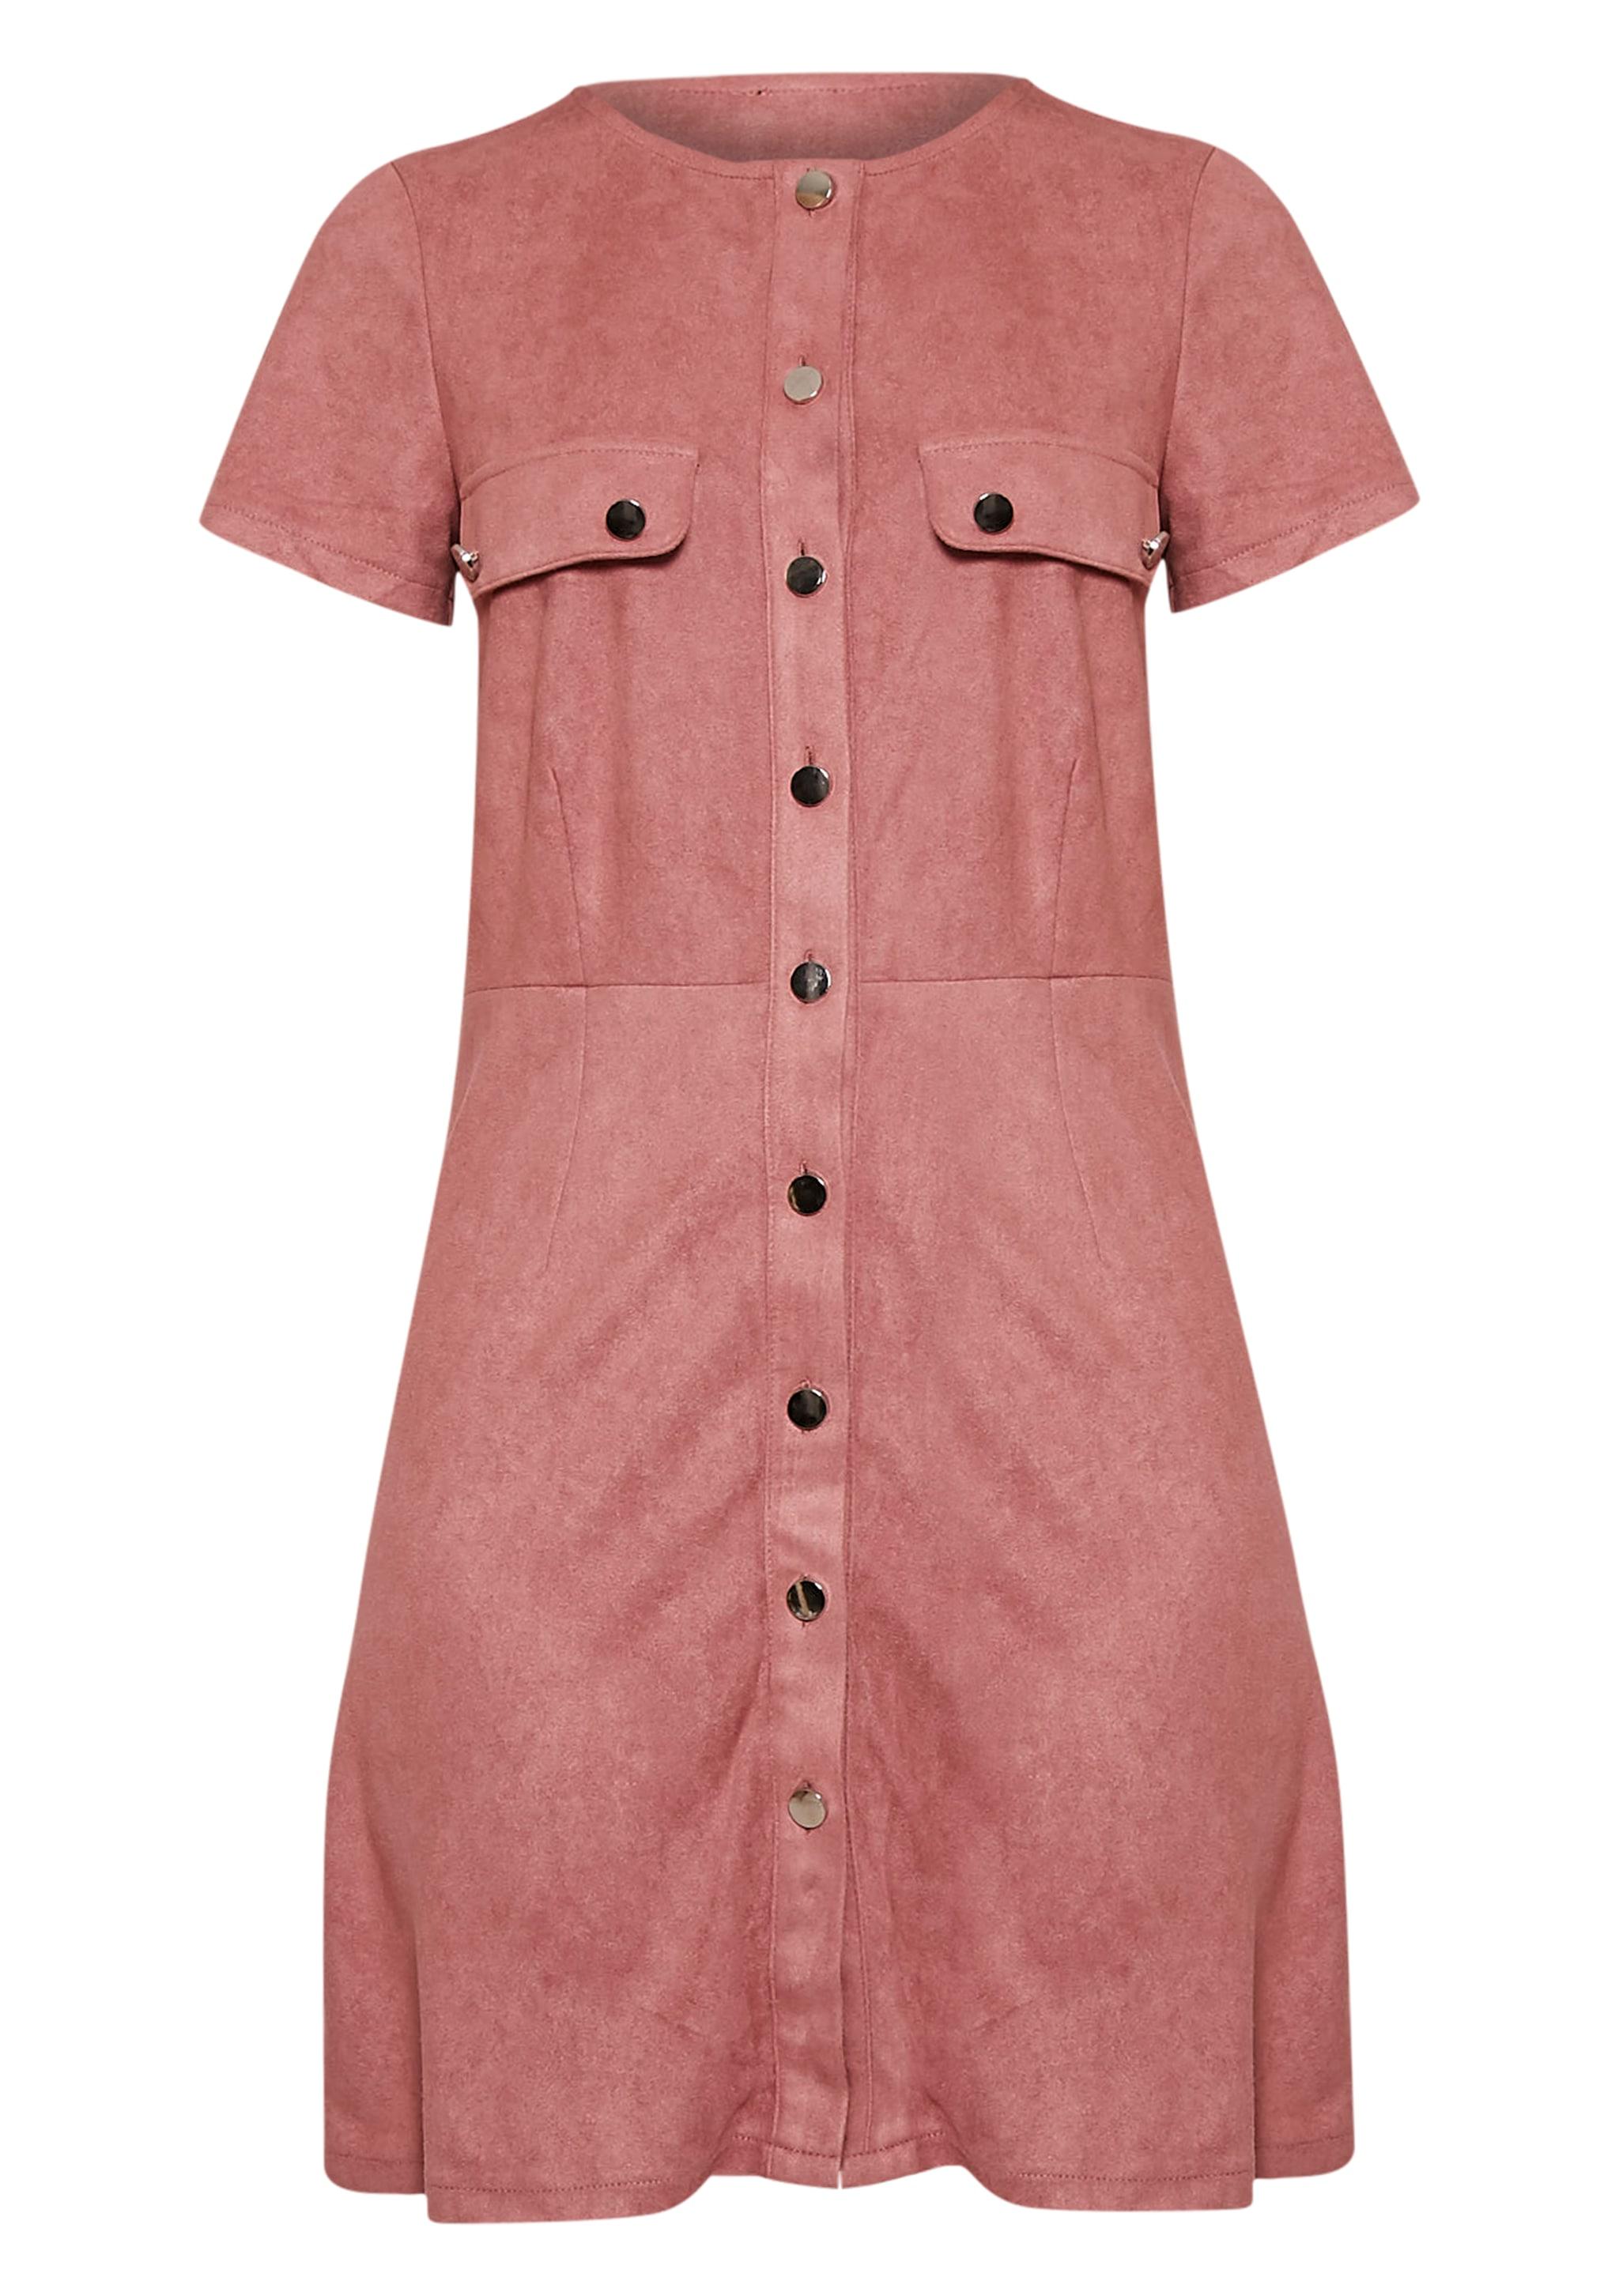 Estella Rose Button Front Suede Shift Dress 2